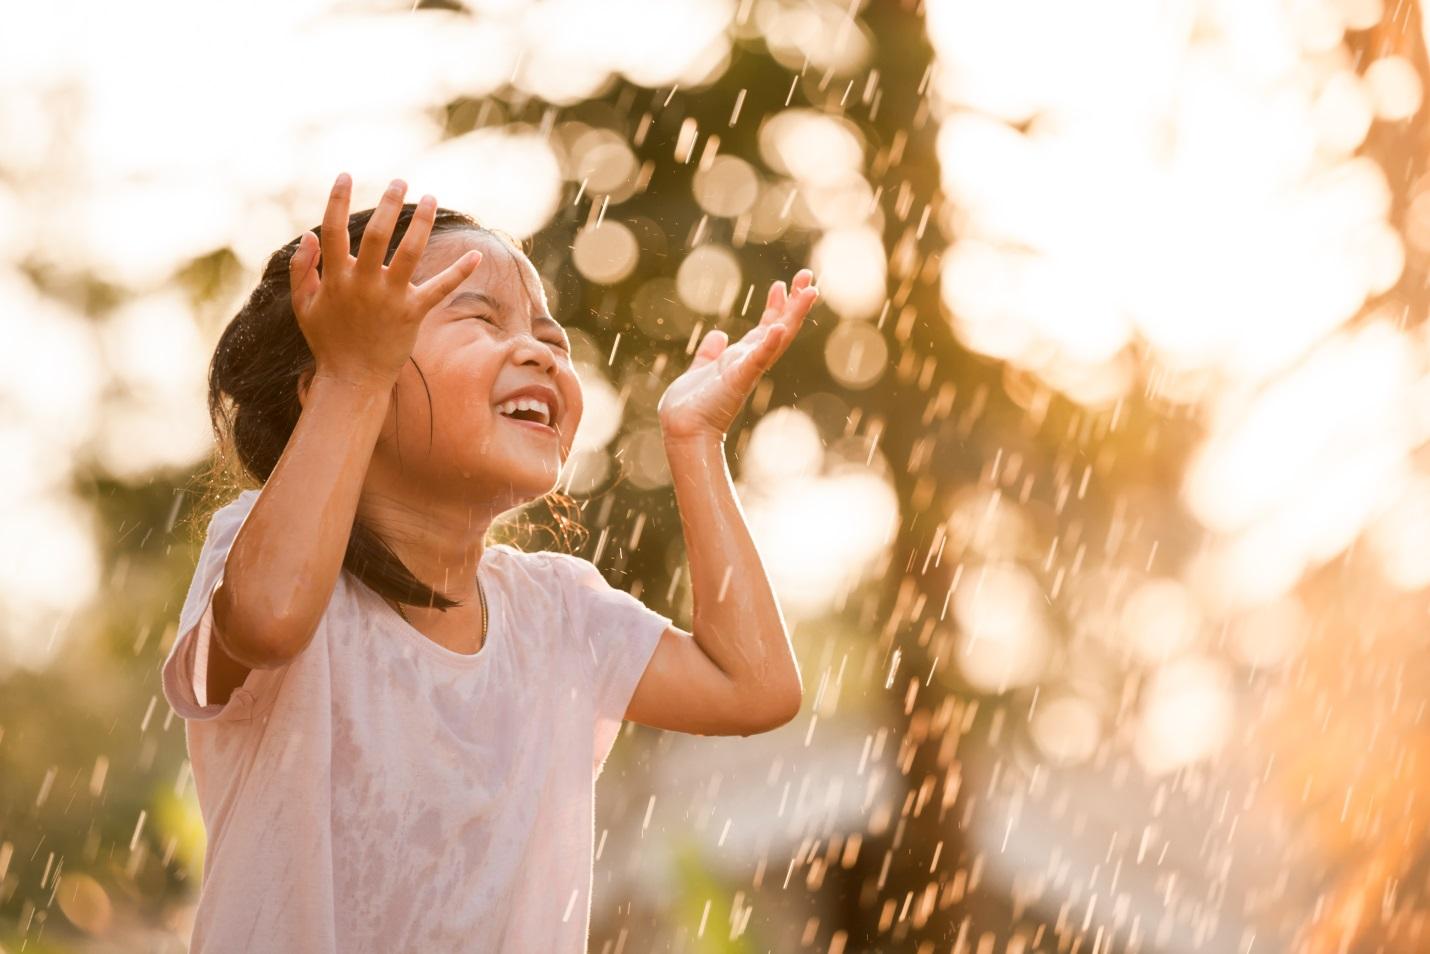 Benarkah Hujan-hujanan Menjadi Penyebab Gejala Flu Disertai Batuk Pada Anak?